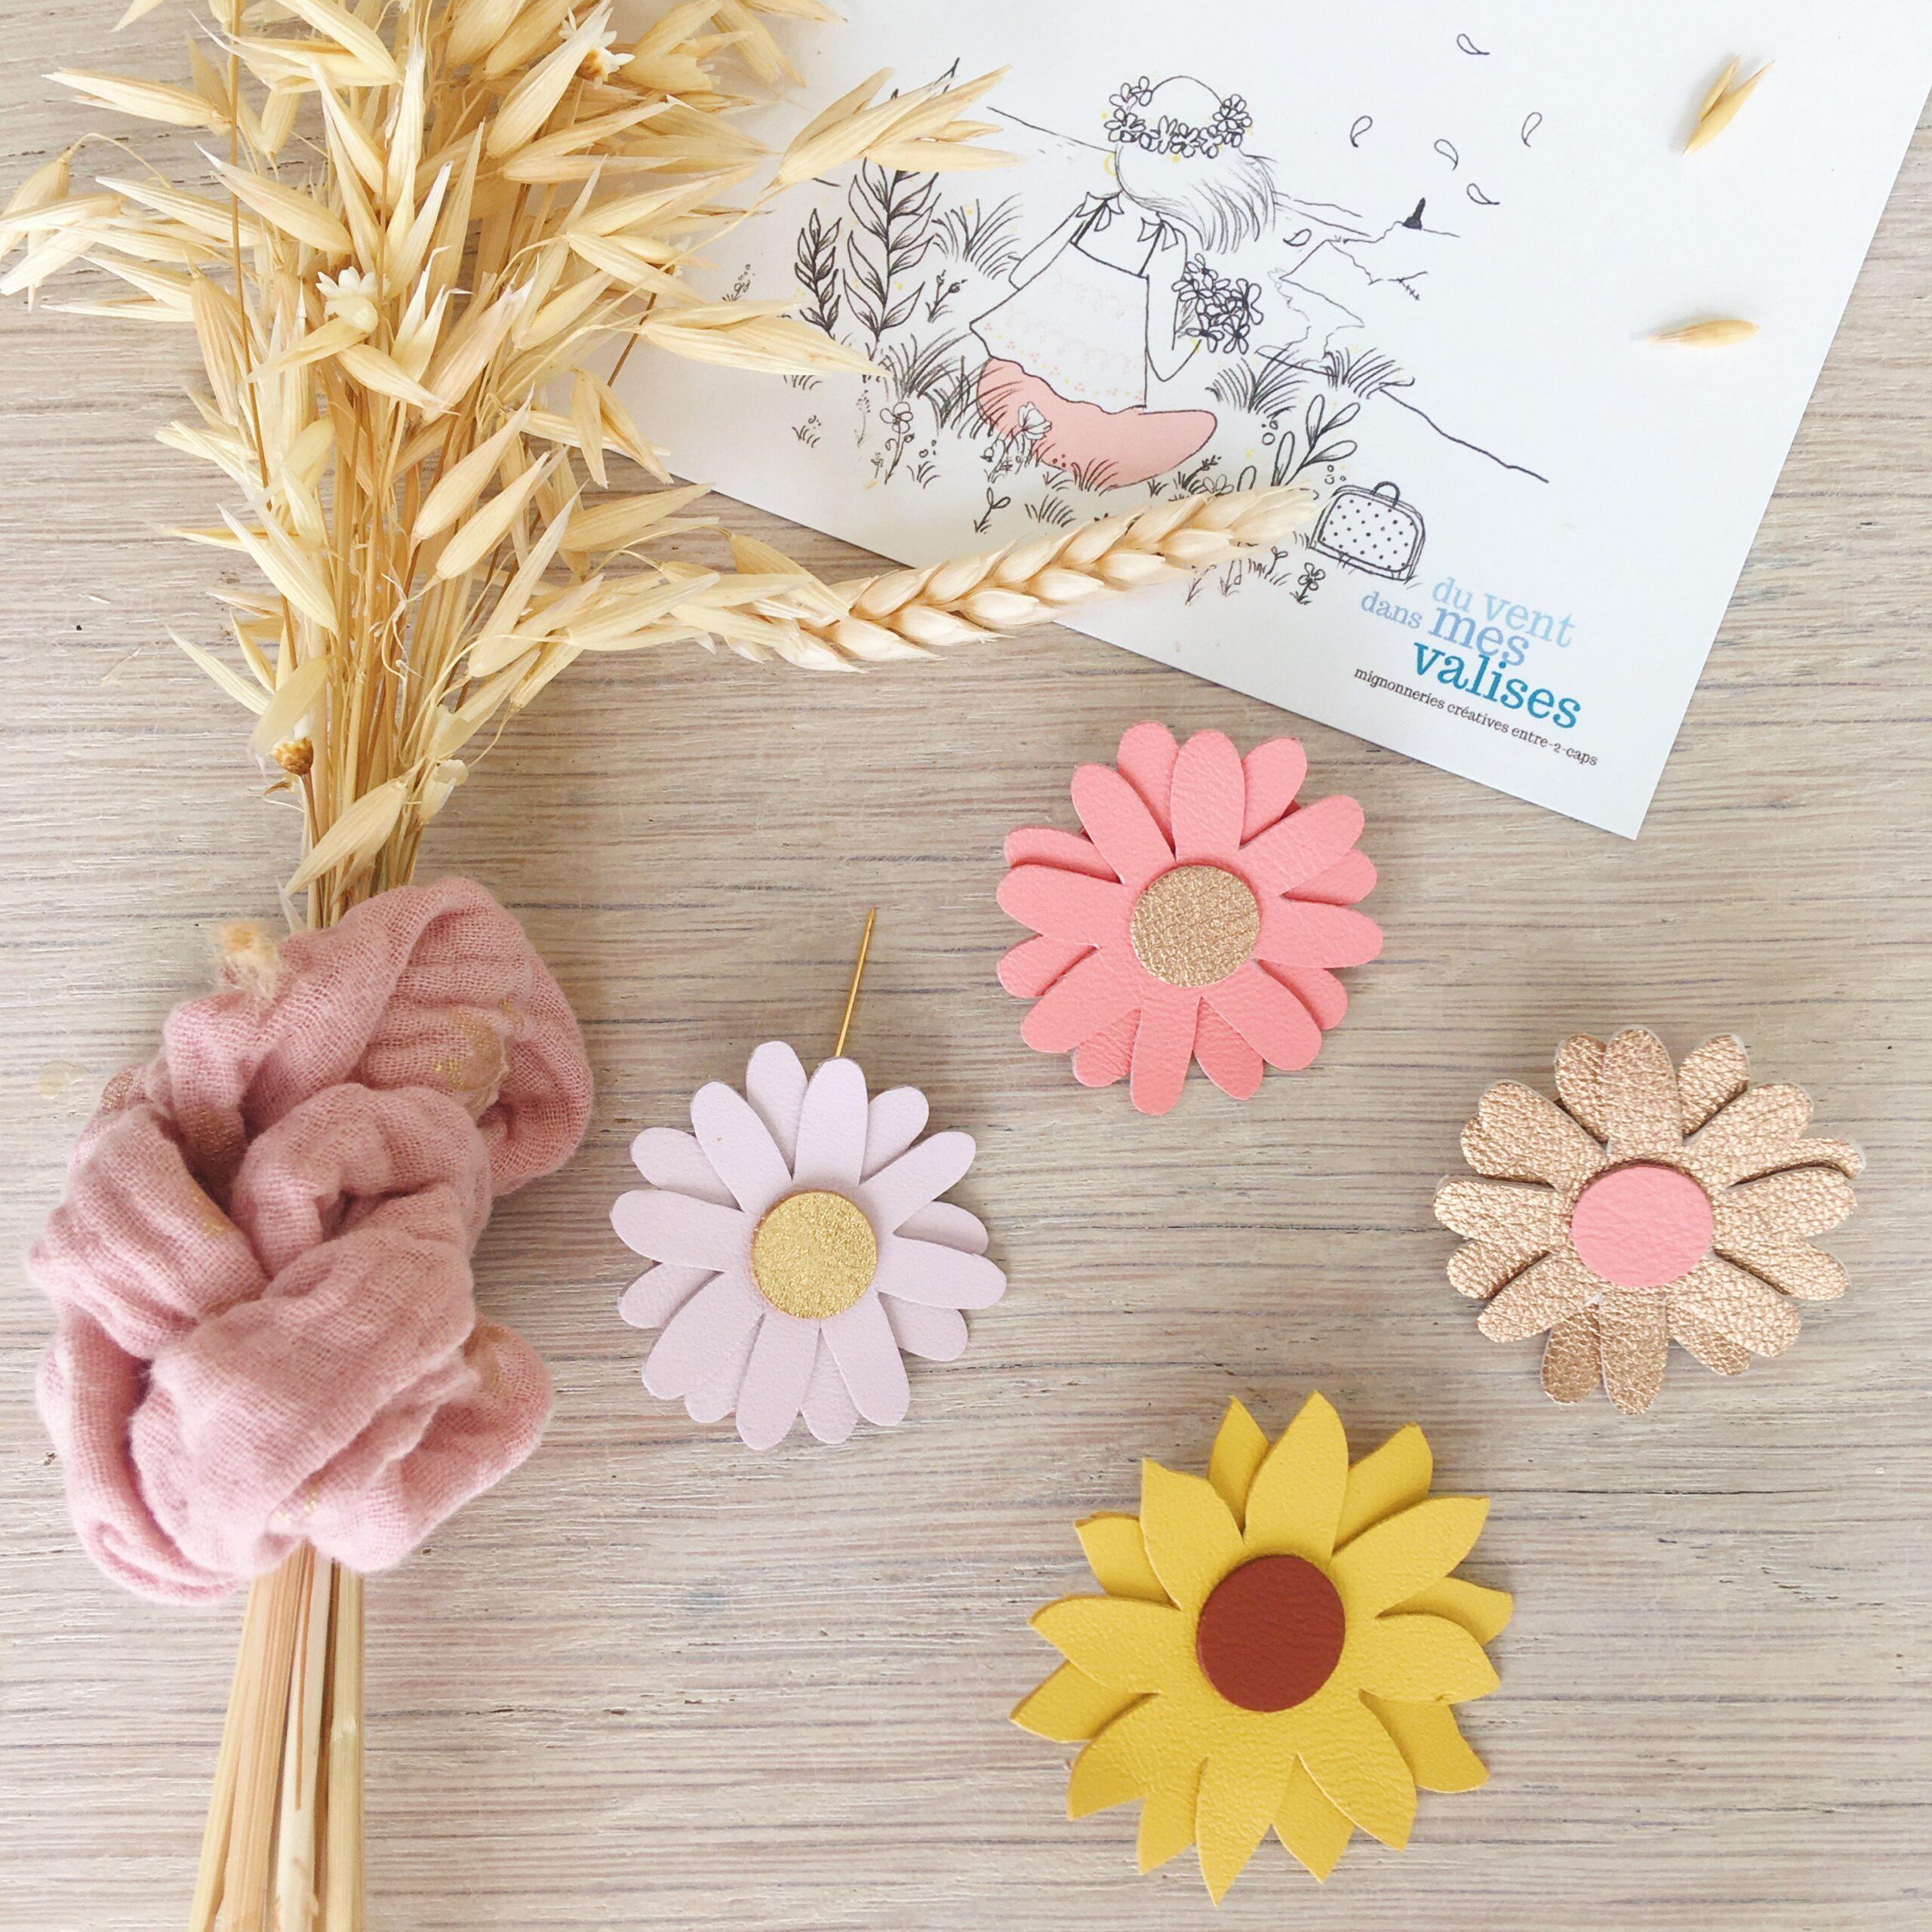 broches florales bohème chic marguerite échinacée tournesol en cuir fabrication artisanale française - du vent dans mes valises